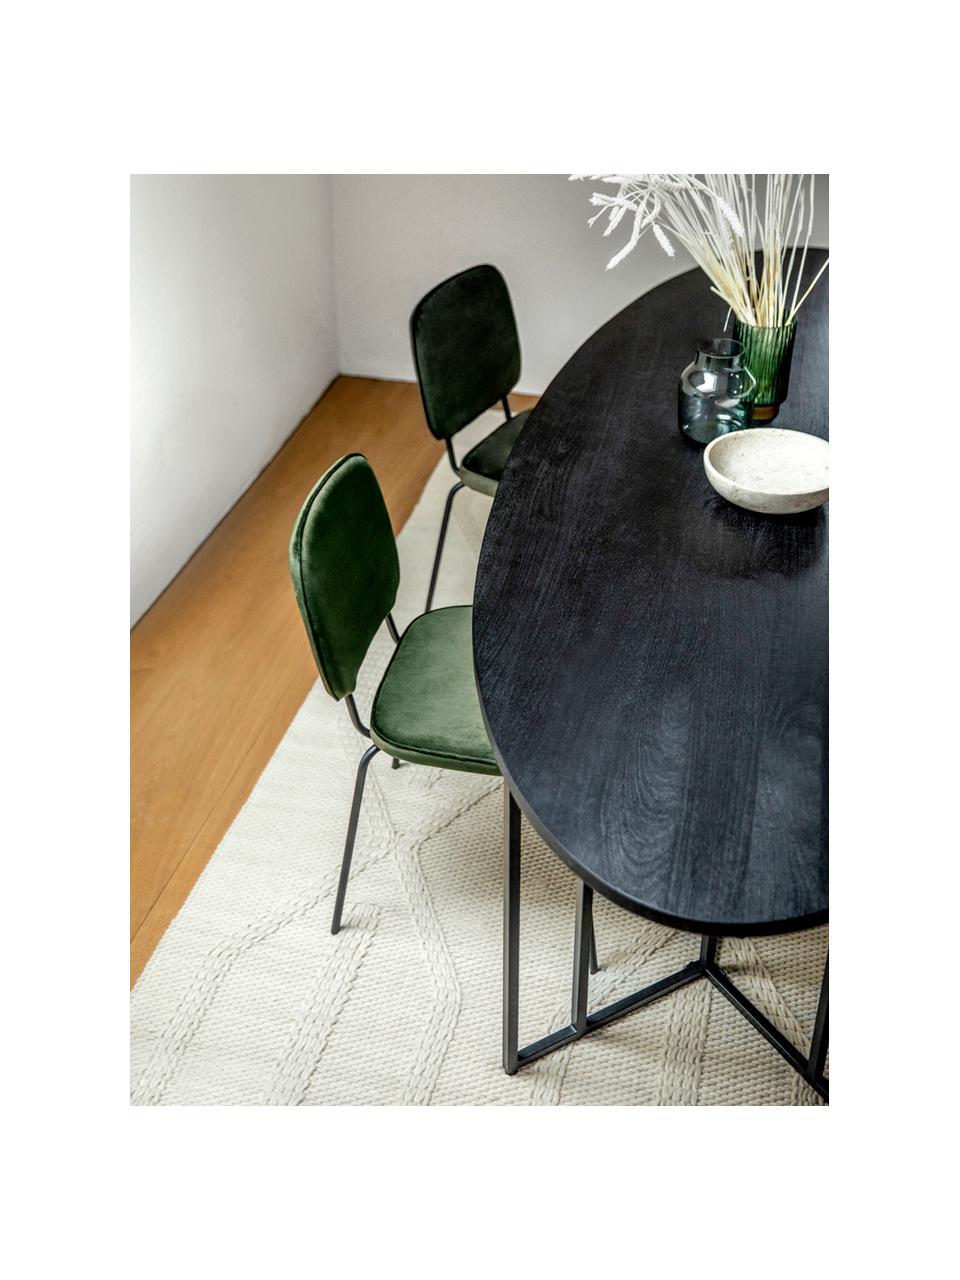 Ovale massief houten eettafel Luca in zwart, Tafelblad: massief mangohout, gebors, Frame: gepoedercoat metaal, Tafelblad: zwart gelakt mangohout. Frame: mat zwart, B 240 x D 100 cm